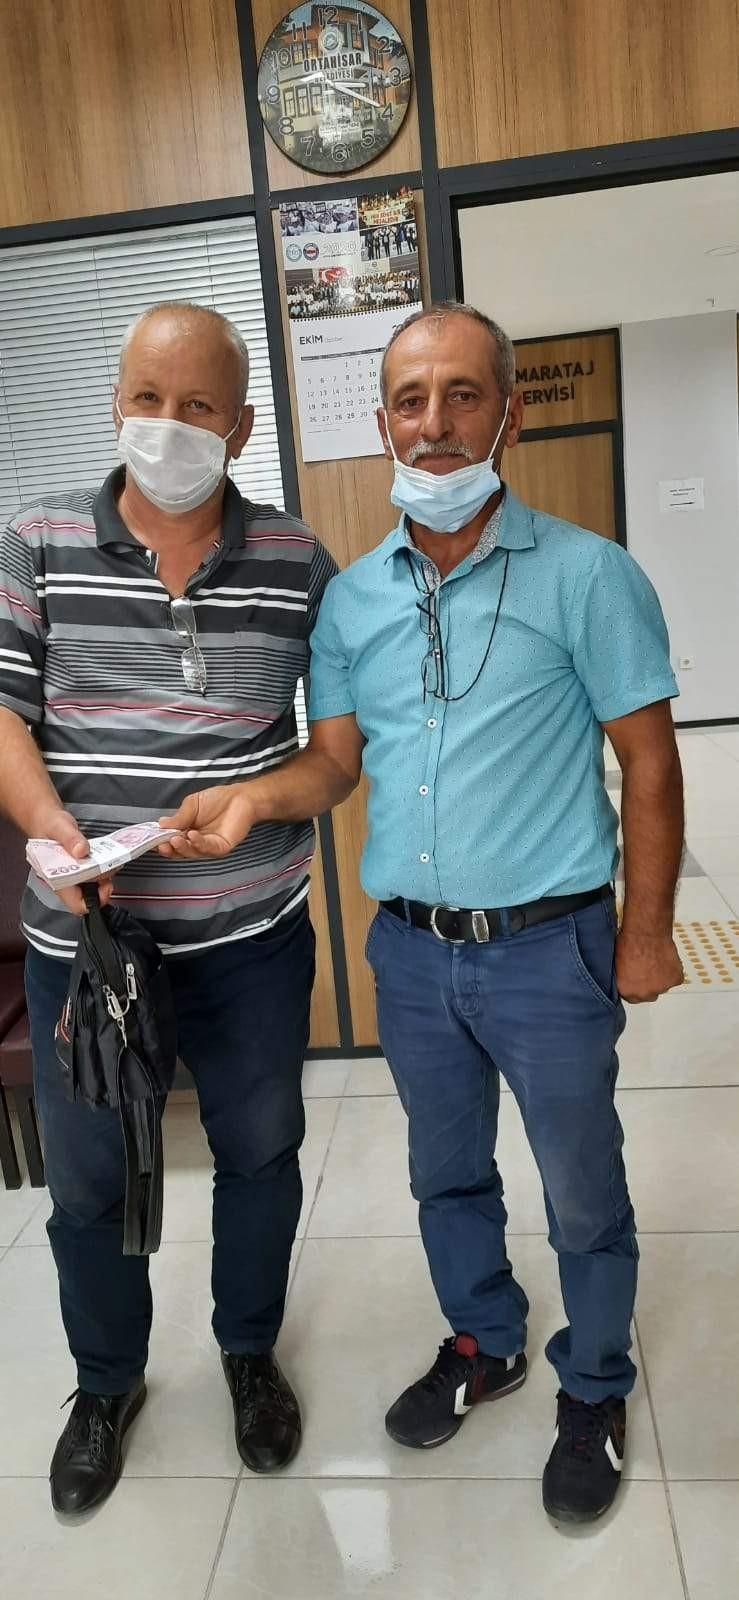 Trabzon'da insanlık ölmemiş dedirten olay! 20 Bin TL'yi sahibine teslim etti